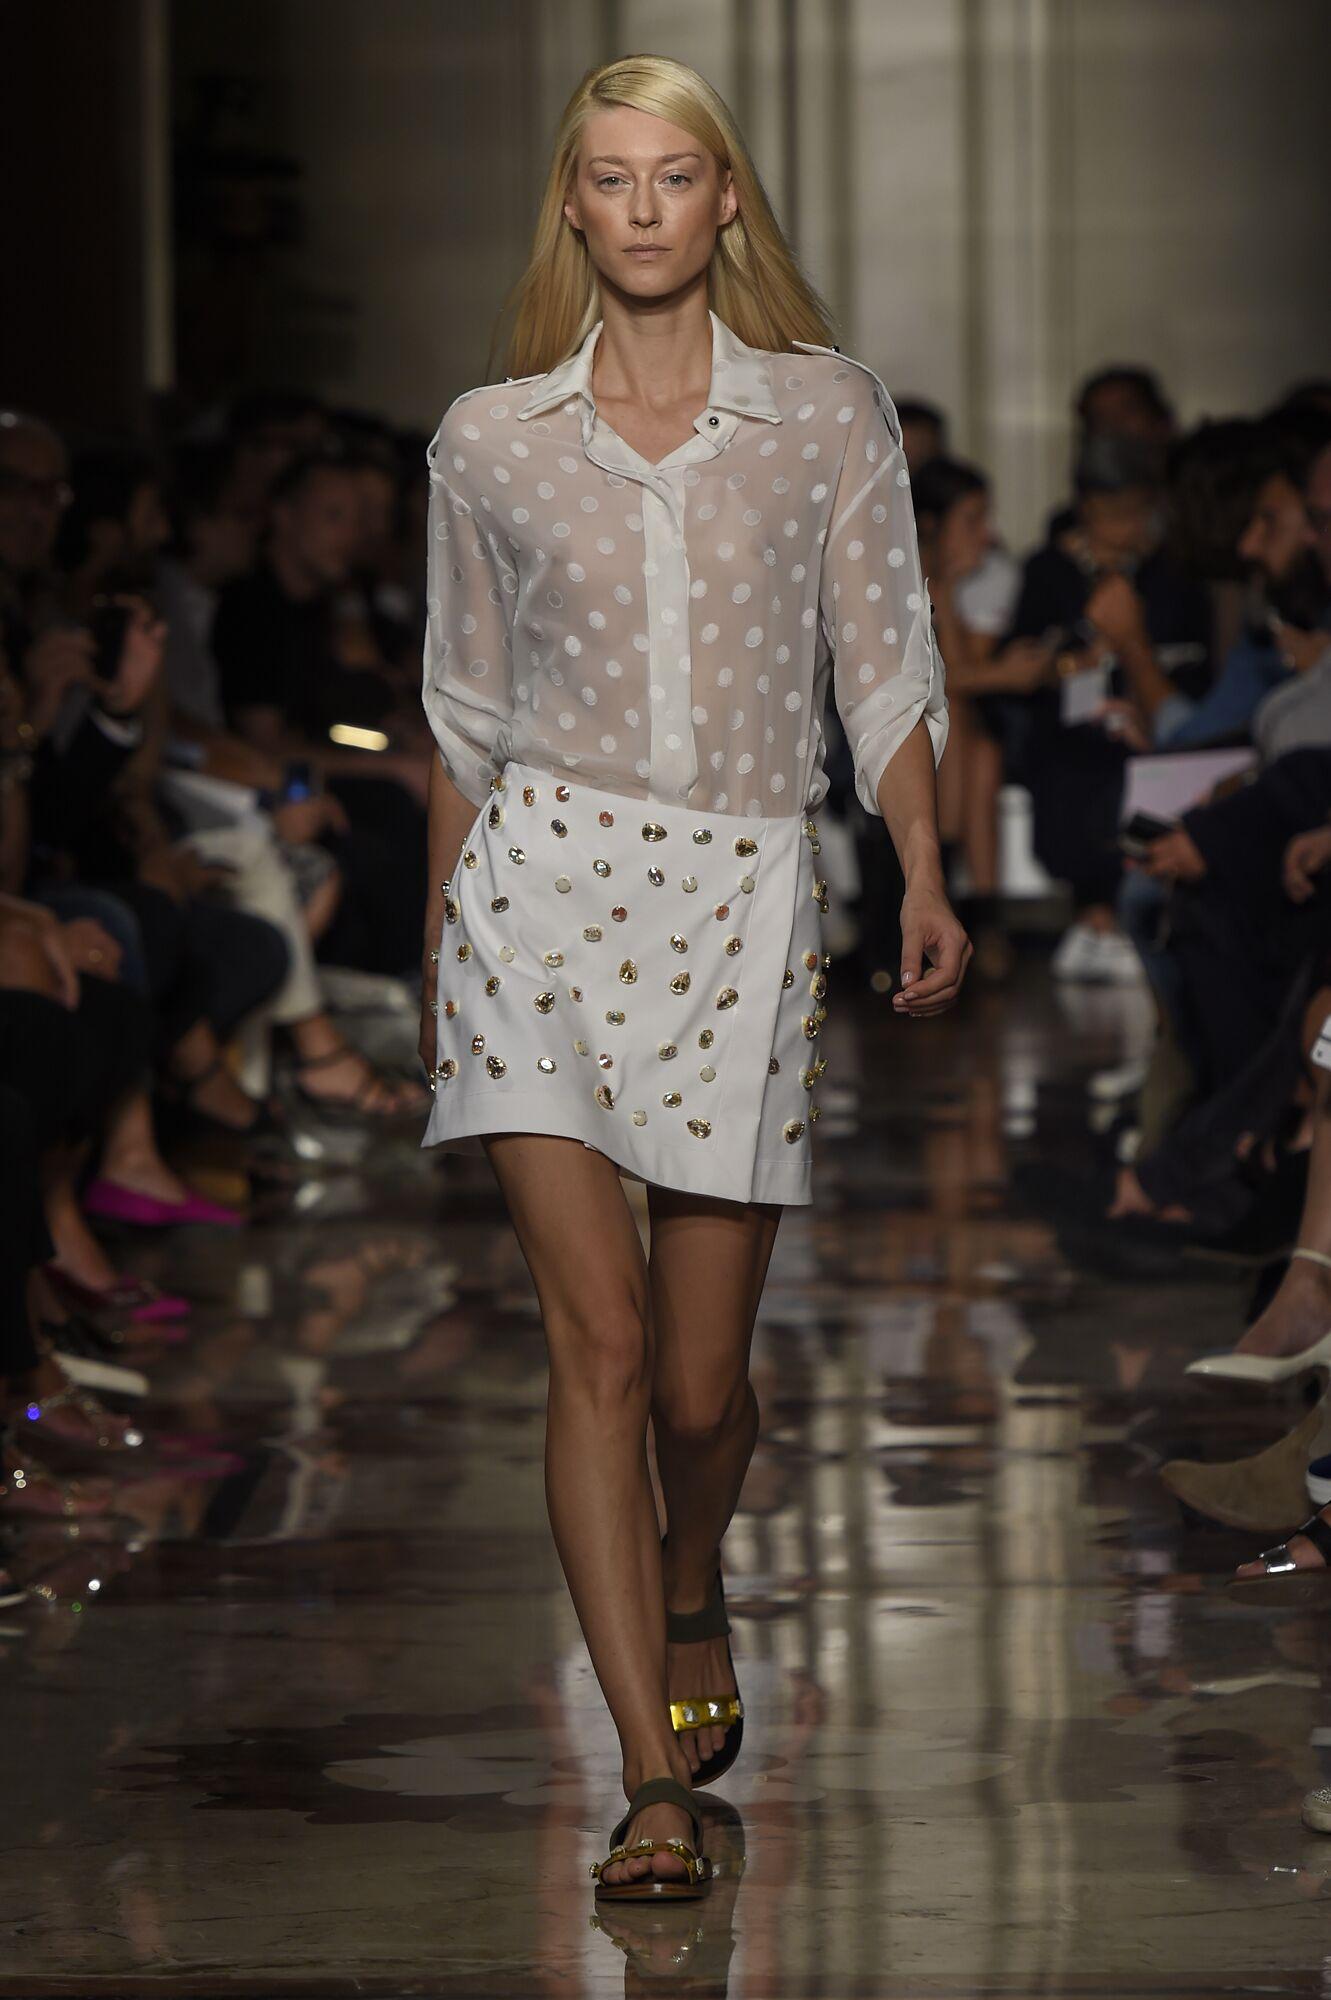 Andrea Incontri Fashion Show Womenswear